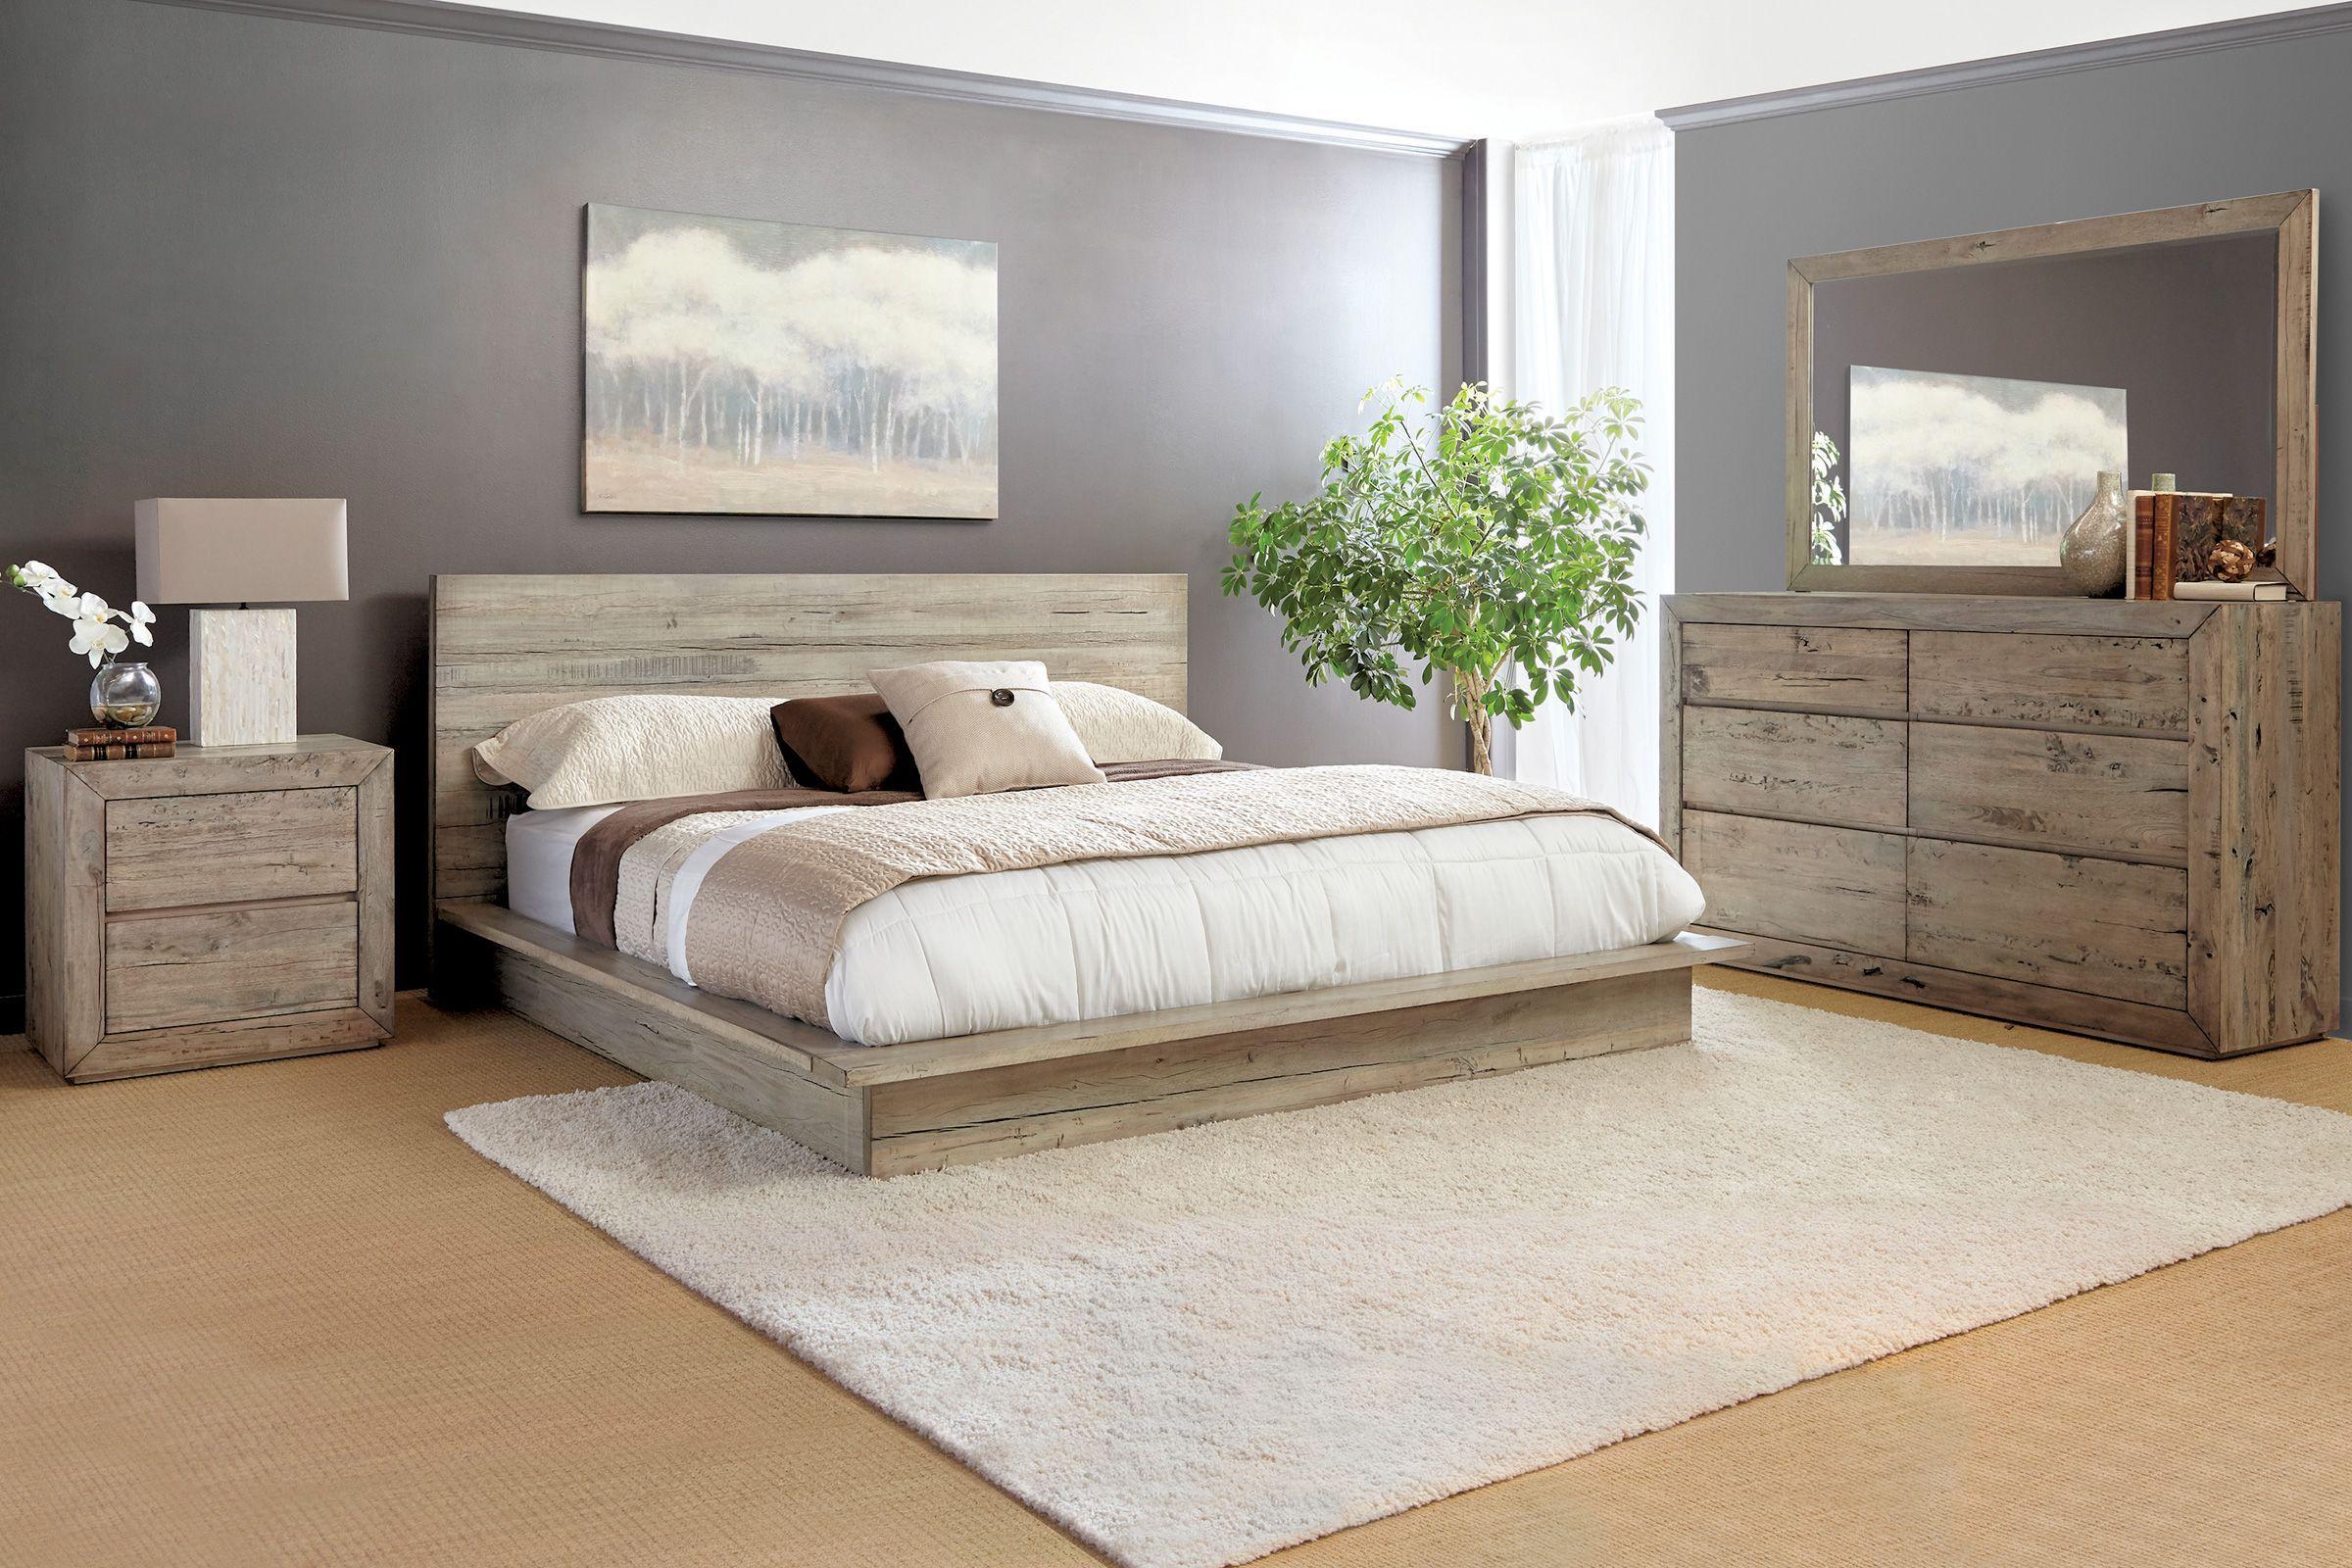 Renewal 5 Piece King Bedroom Set At Gardner White Bedroom Sets Queen King Bedroom Sets Bedroom Set